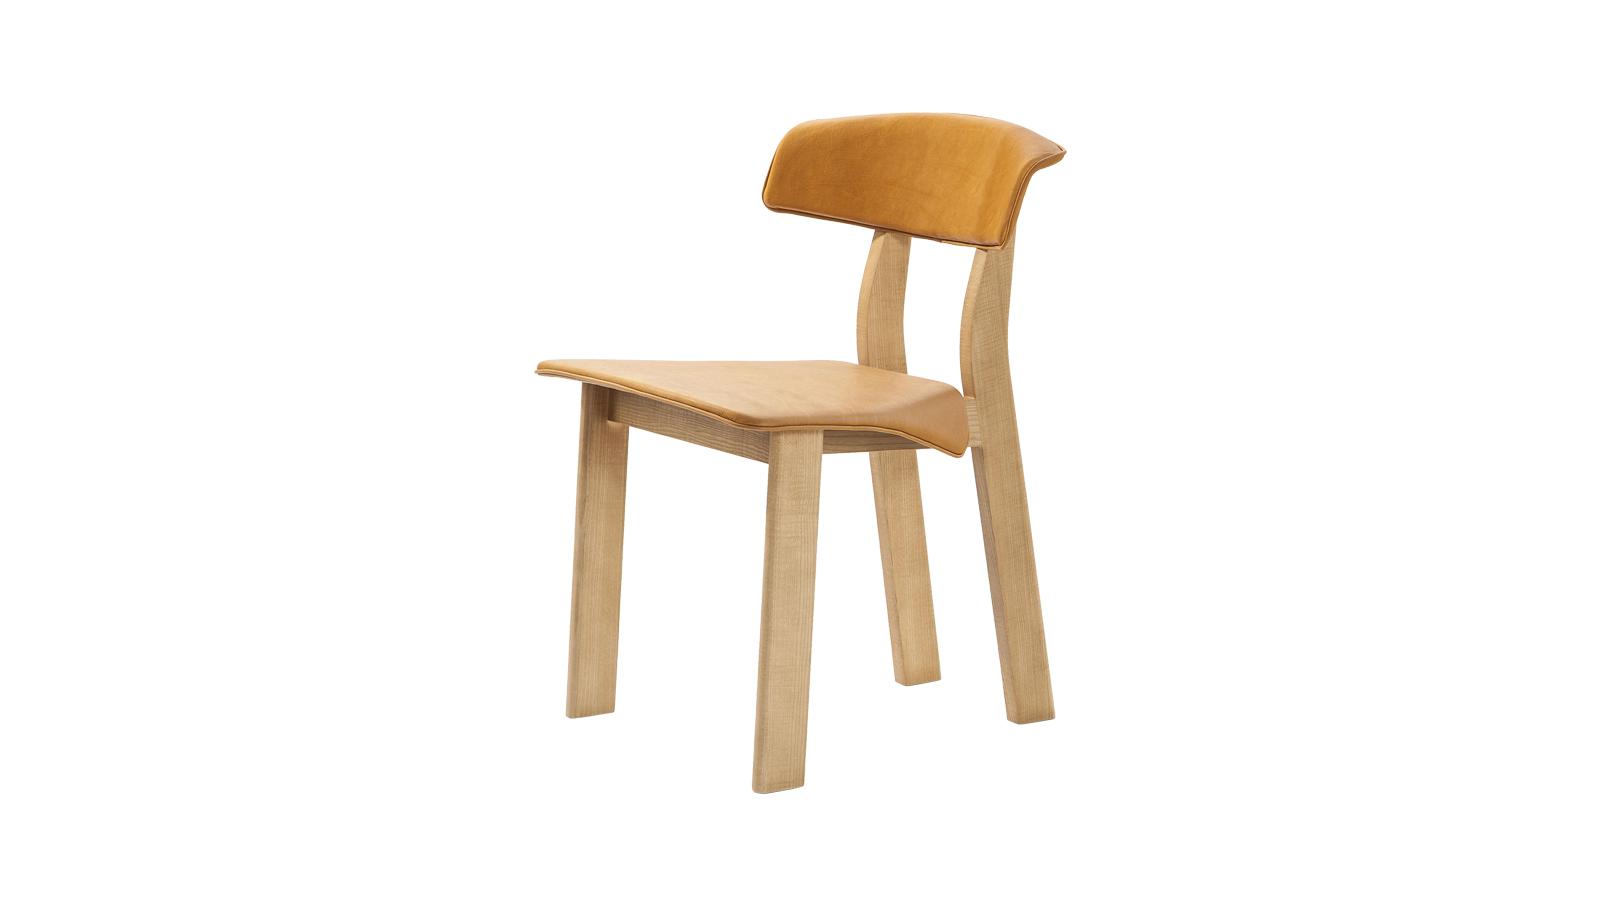 A Back-Wing szék maga mögött hagyja a konvenciókat, és új, energikus formavilágot teremt. A kőrisből készült keret vaskos, erőteljes megjelenését ellensúlyozza a papírszerűen ráhajló ülés. Az elegáns utolsó simításért a háttámlát és az ülést körülölelő bőr felel, mely lágyan omlik a bútortestre.